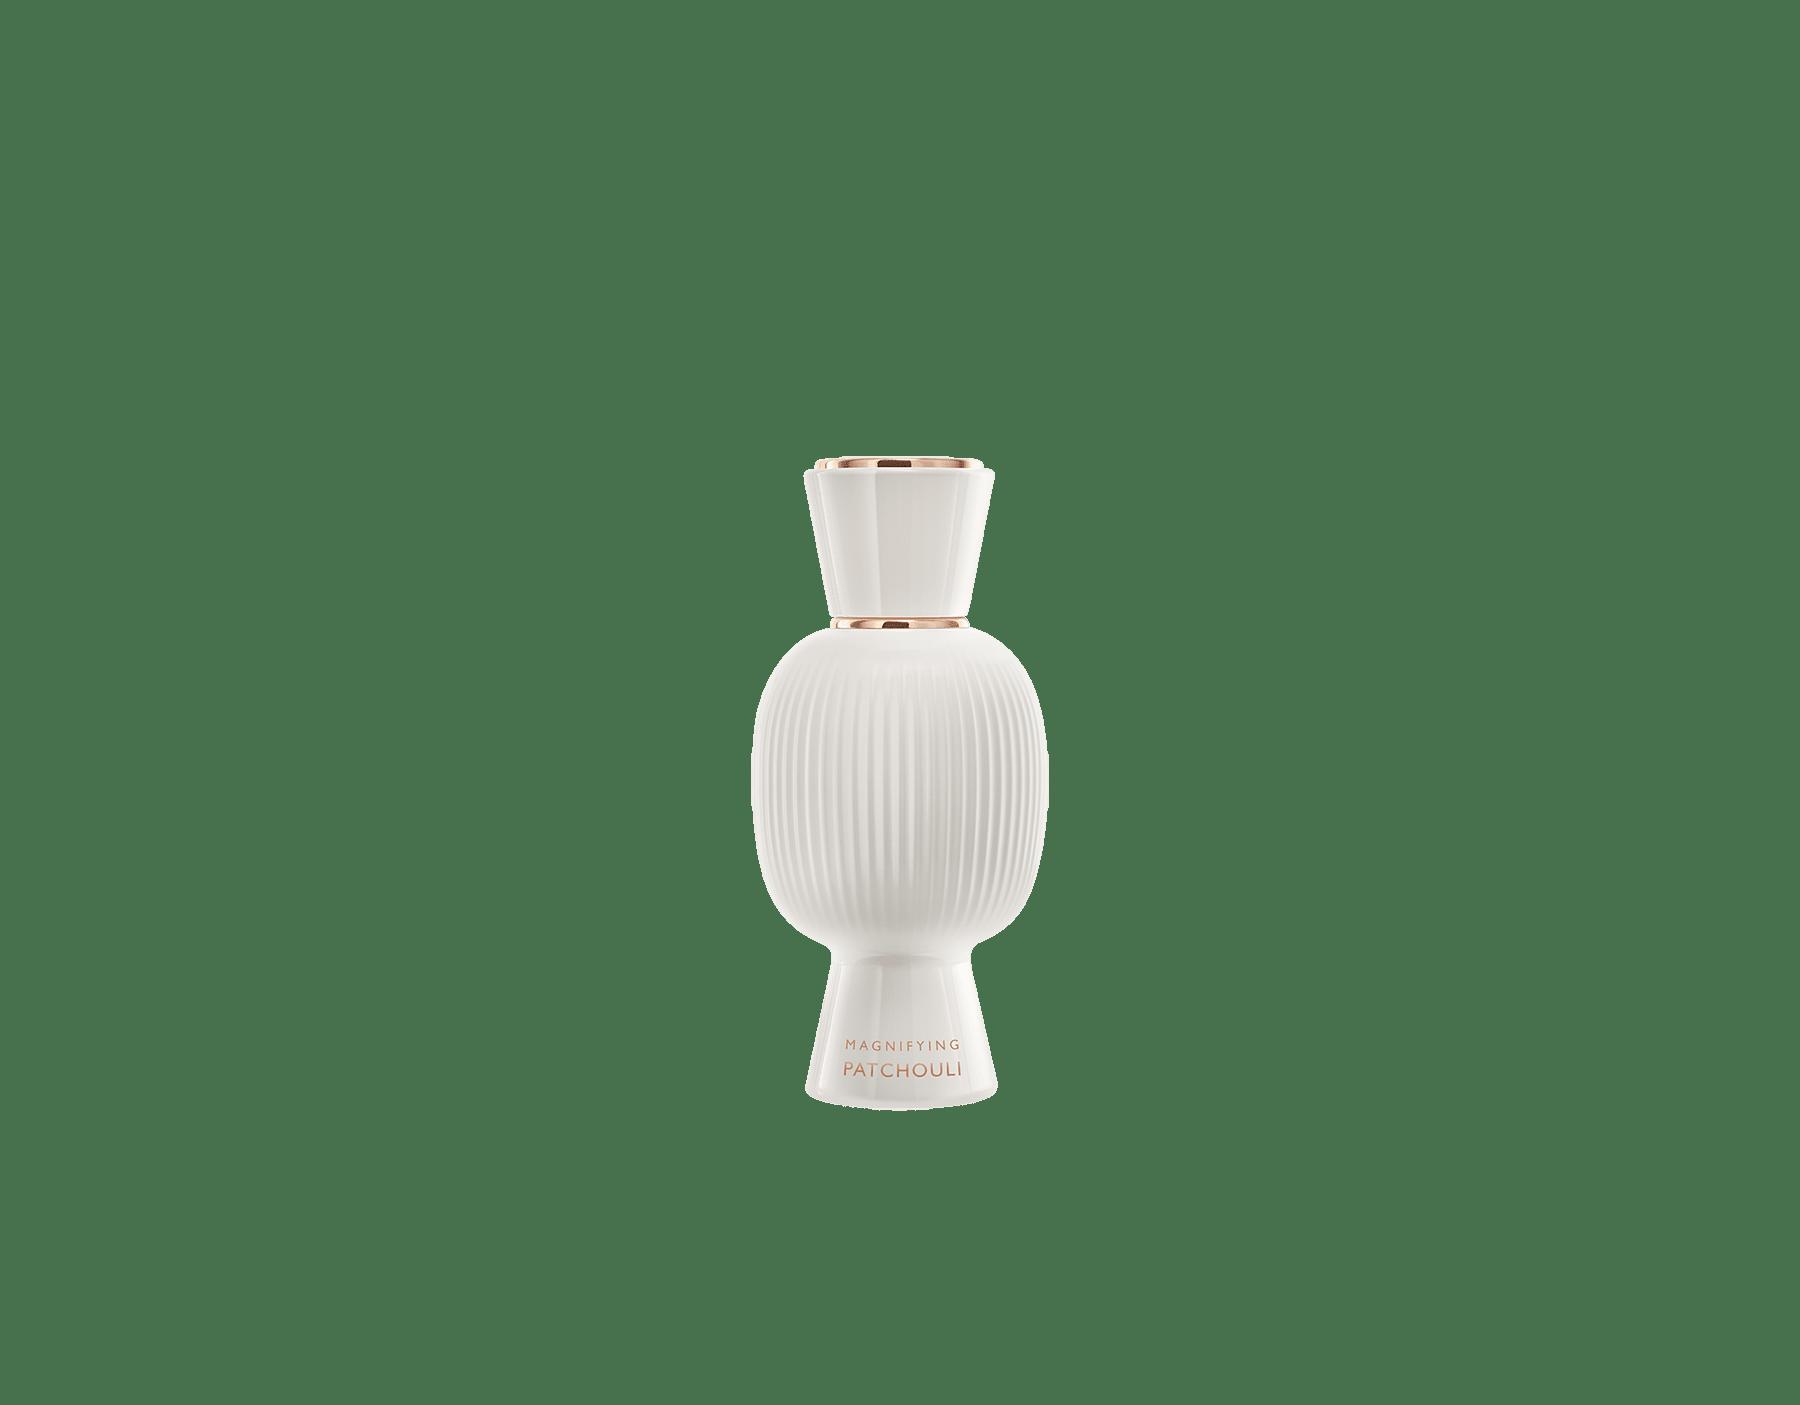 獨特香水套組,和您一樣大膽特別。芳醇馥郁的 Rock'n'Rome Allegra 淡香精融合感性耀眼的 Magnifying Patchouli 廣藿香精華,創造出個性鮮明的女香。 Perfume-Set-Rock-n-Rome-and-Patchouli-Magnifying image 3